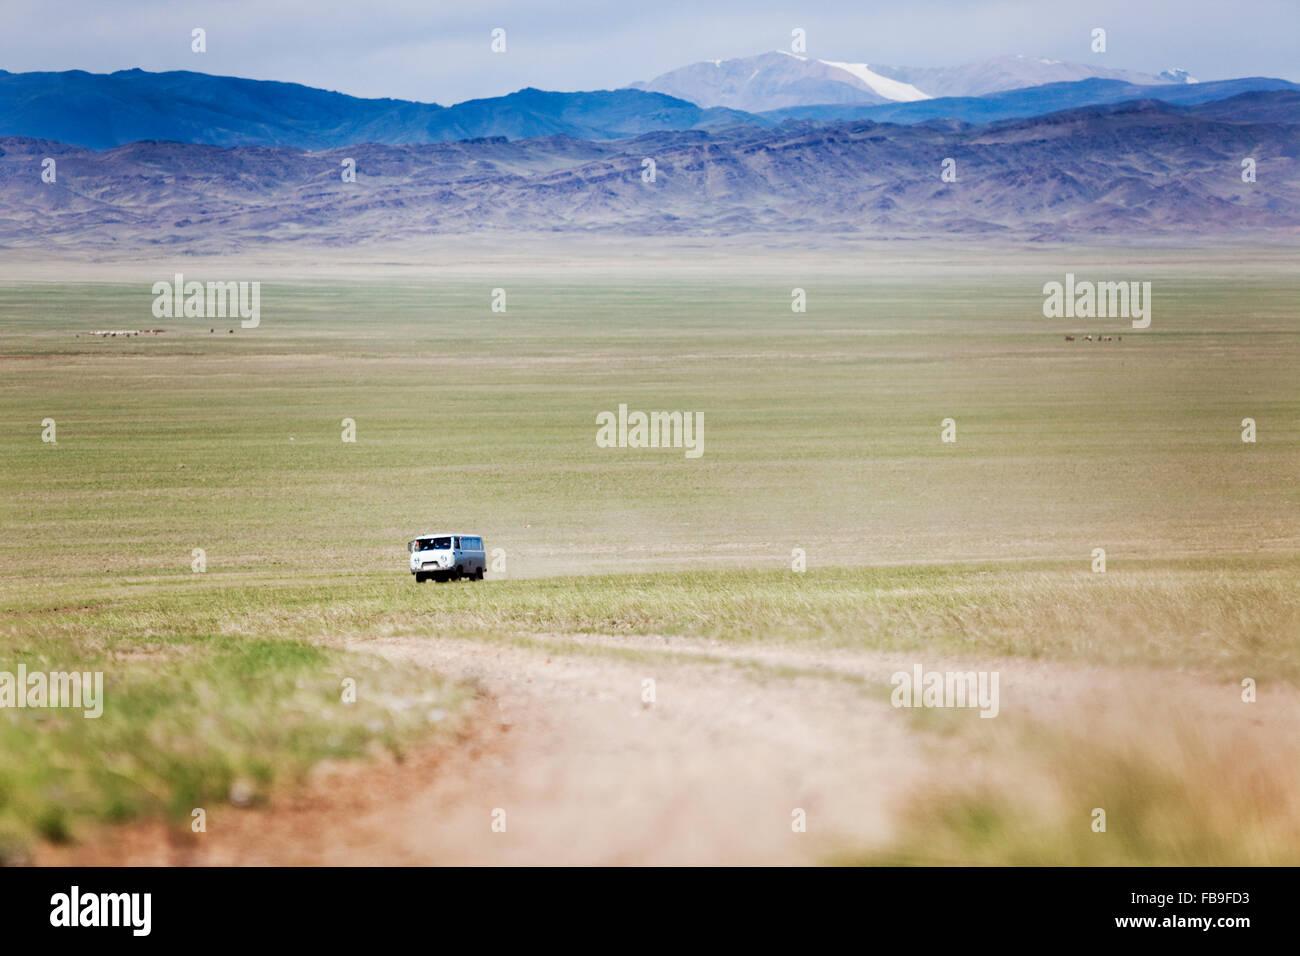 Une fédération de 'Pain' van sur la route à l'extrême ouest de la Mongolie. Photo Stock